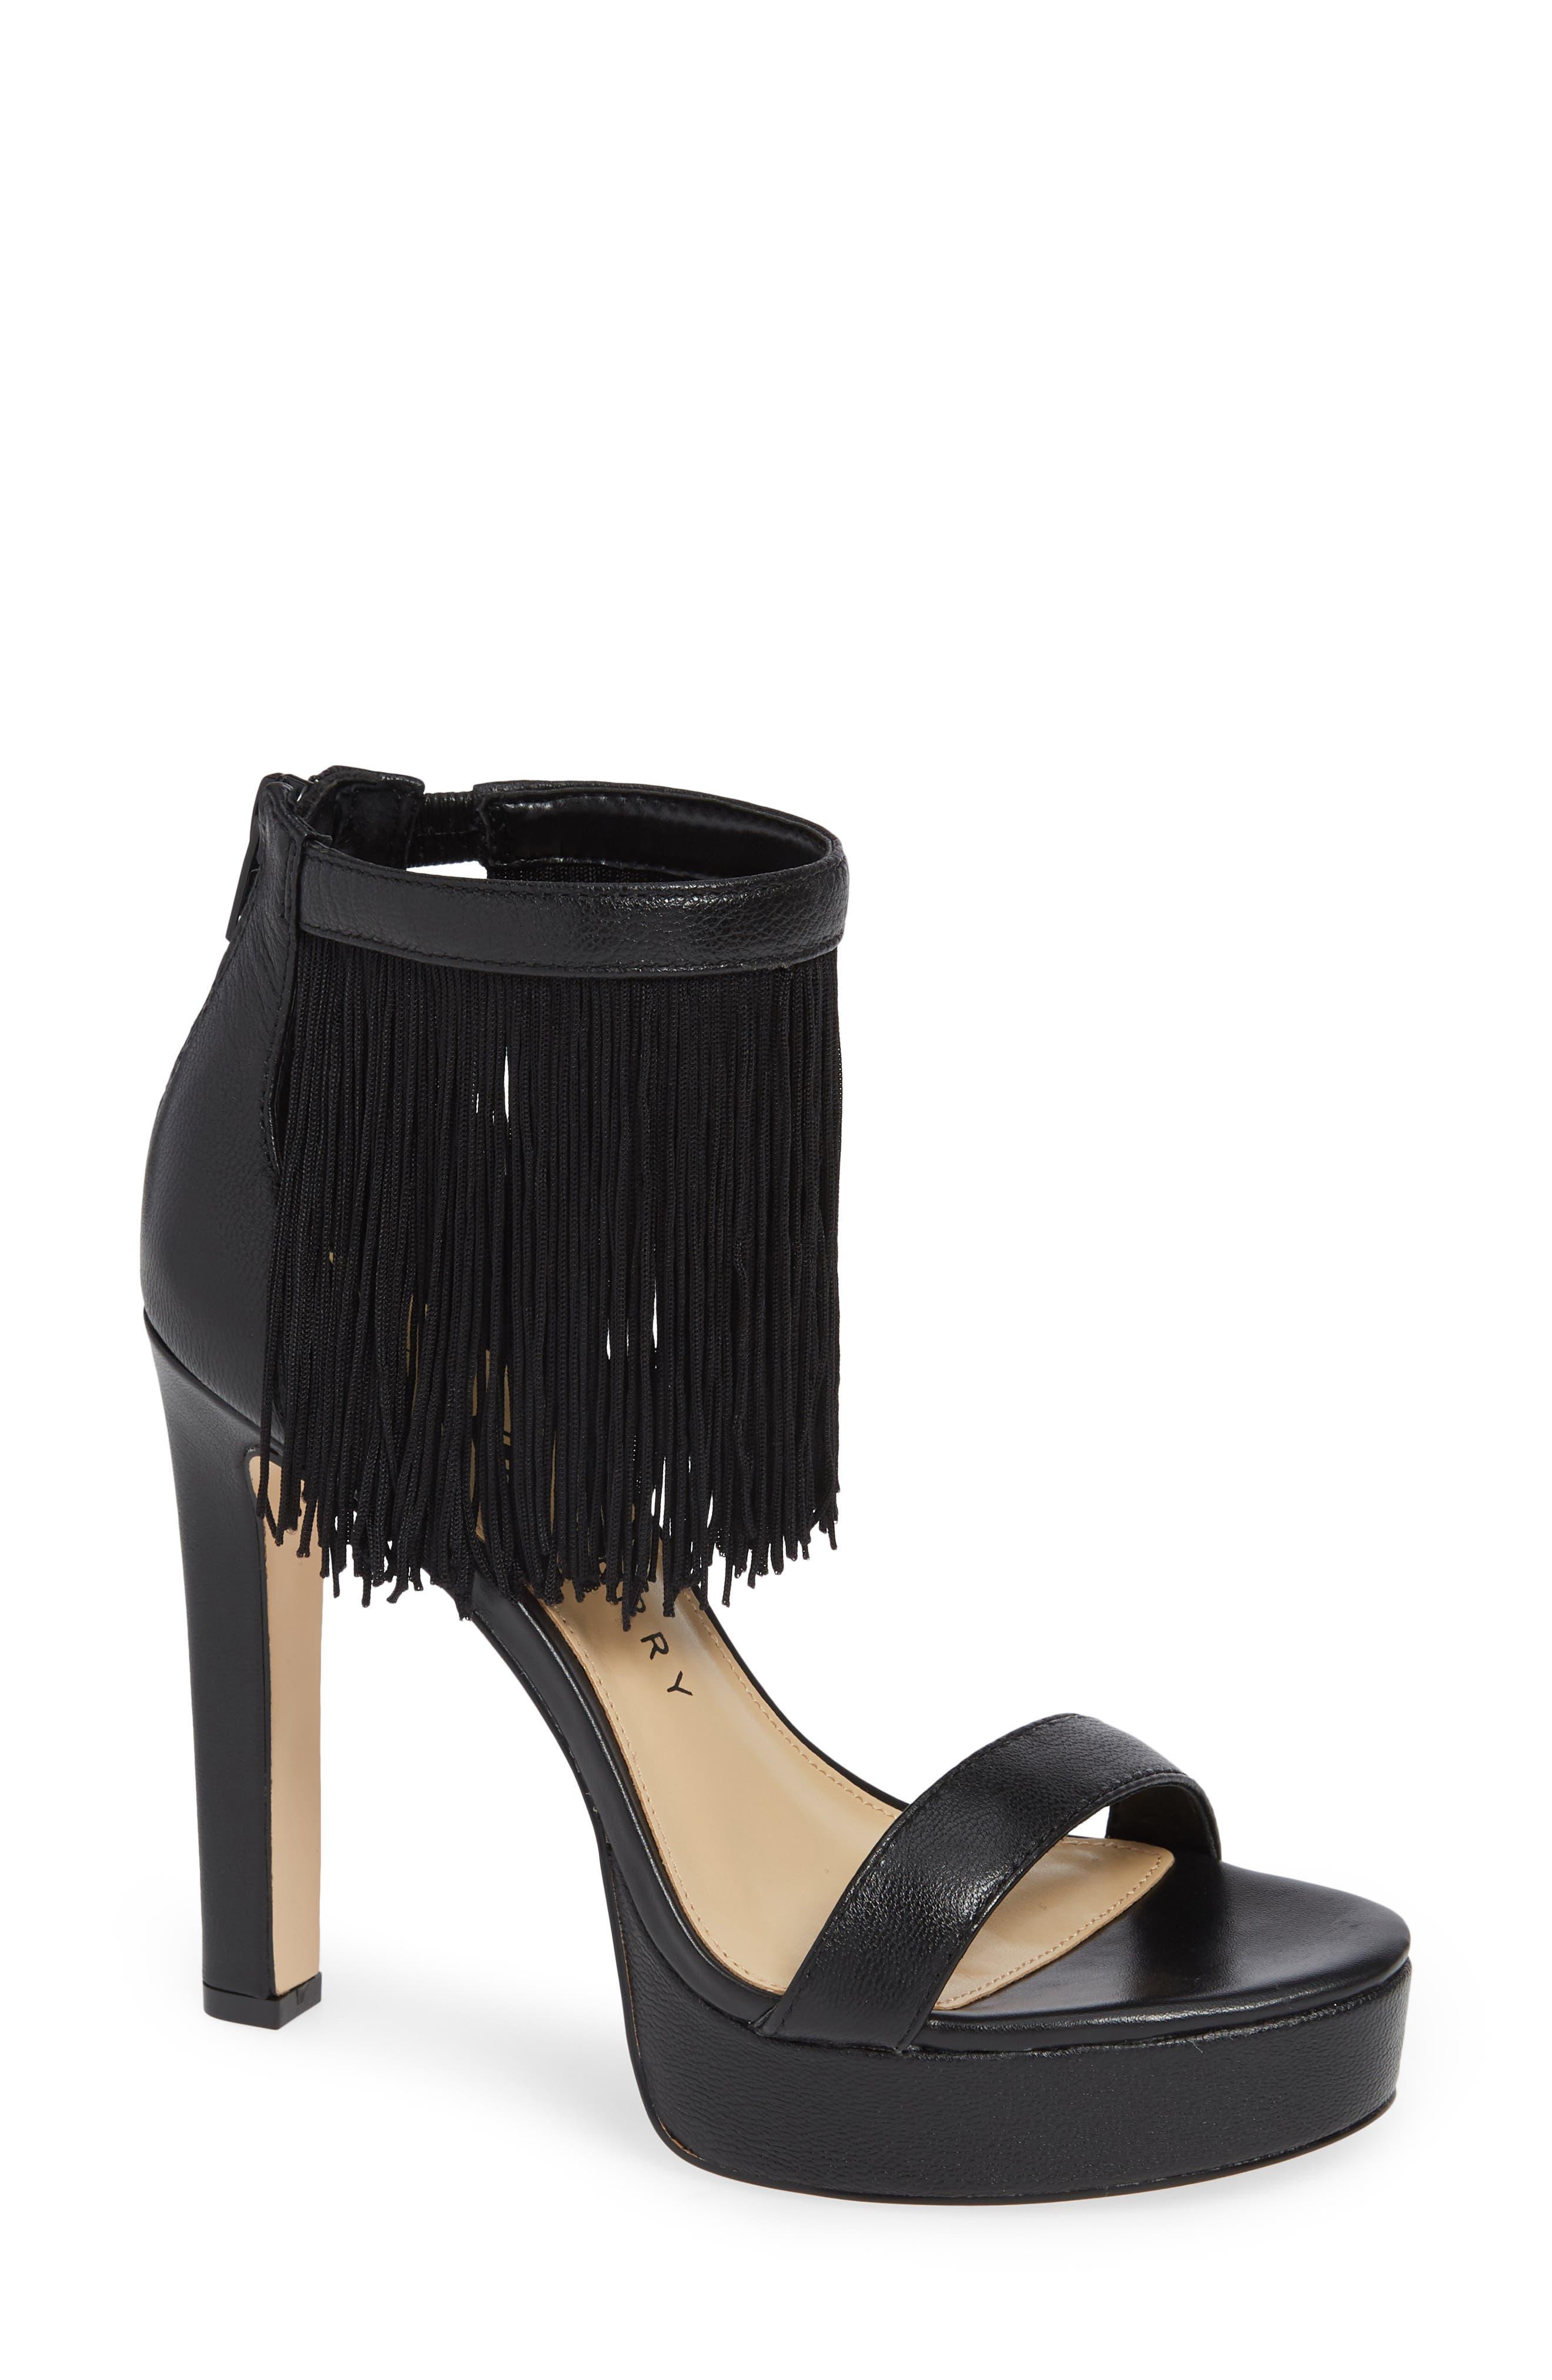 Fringed Platform Sandal in Black